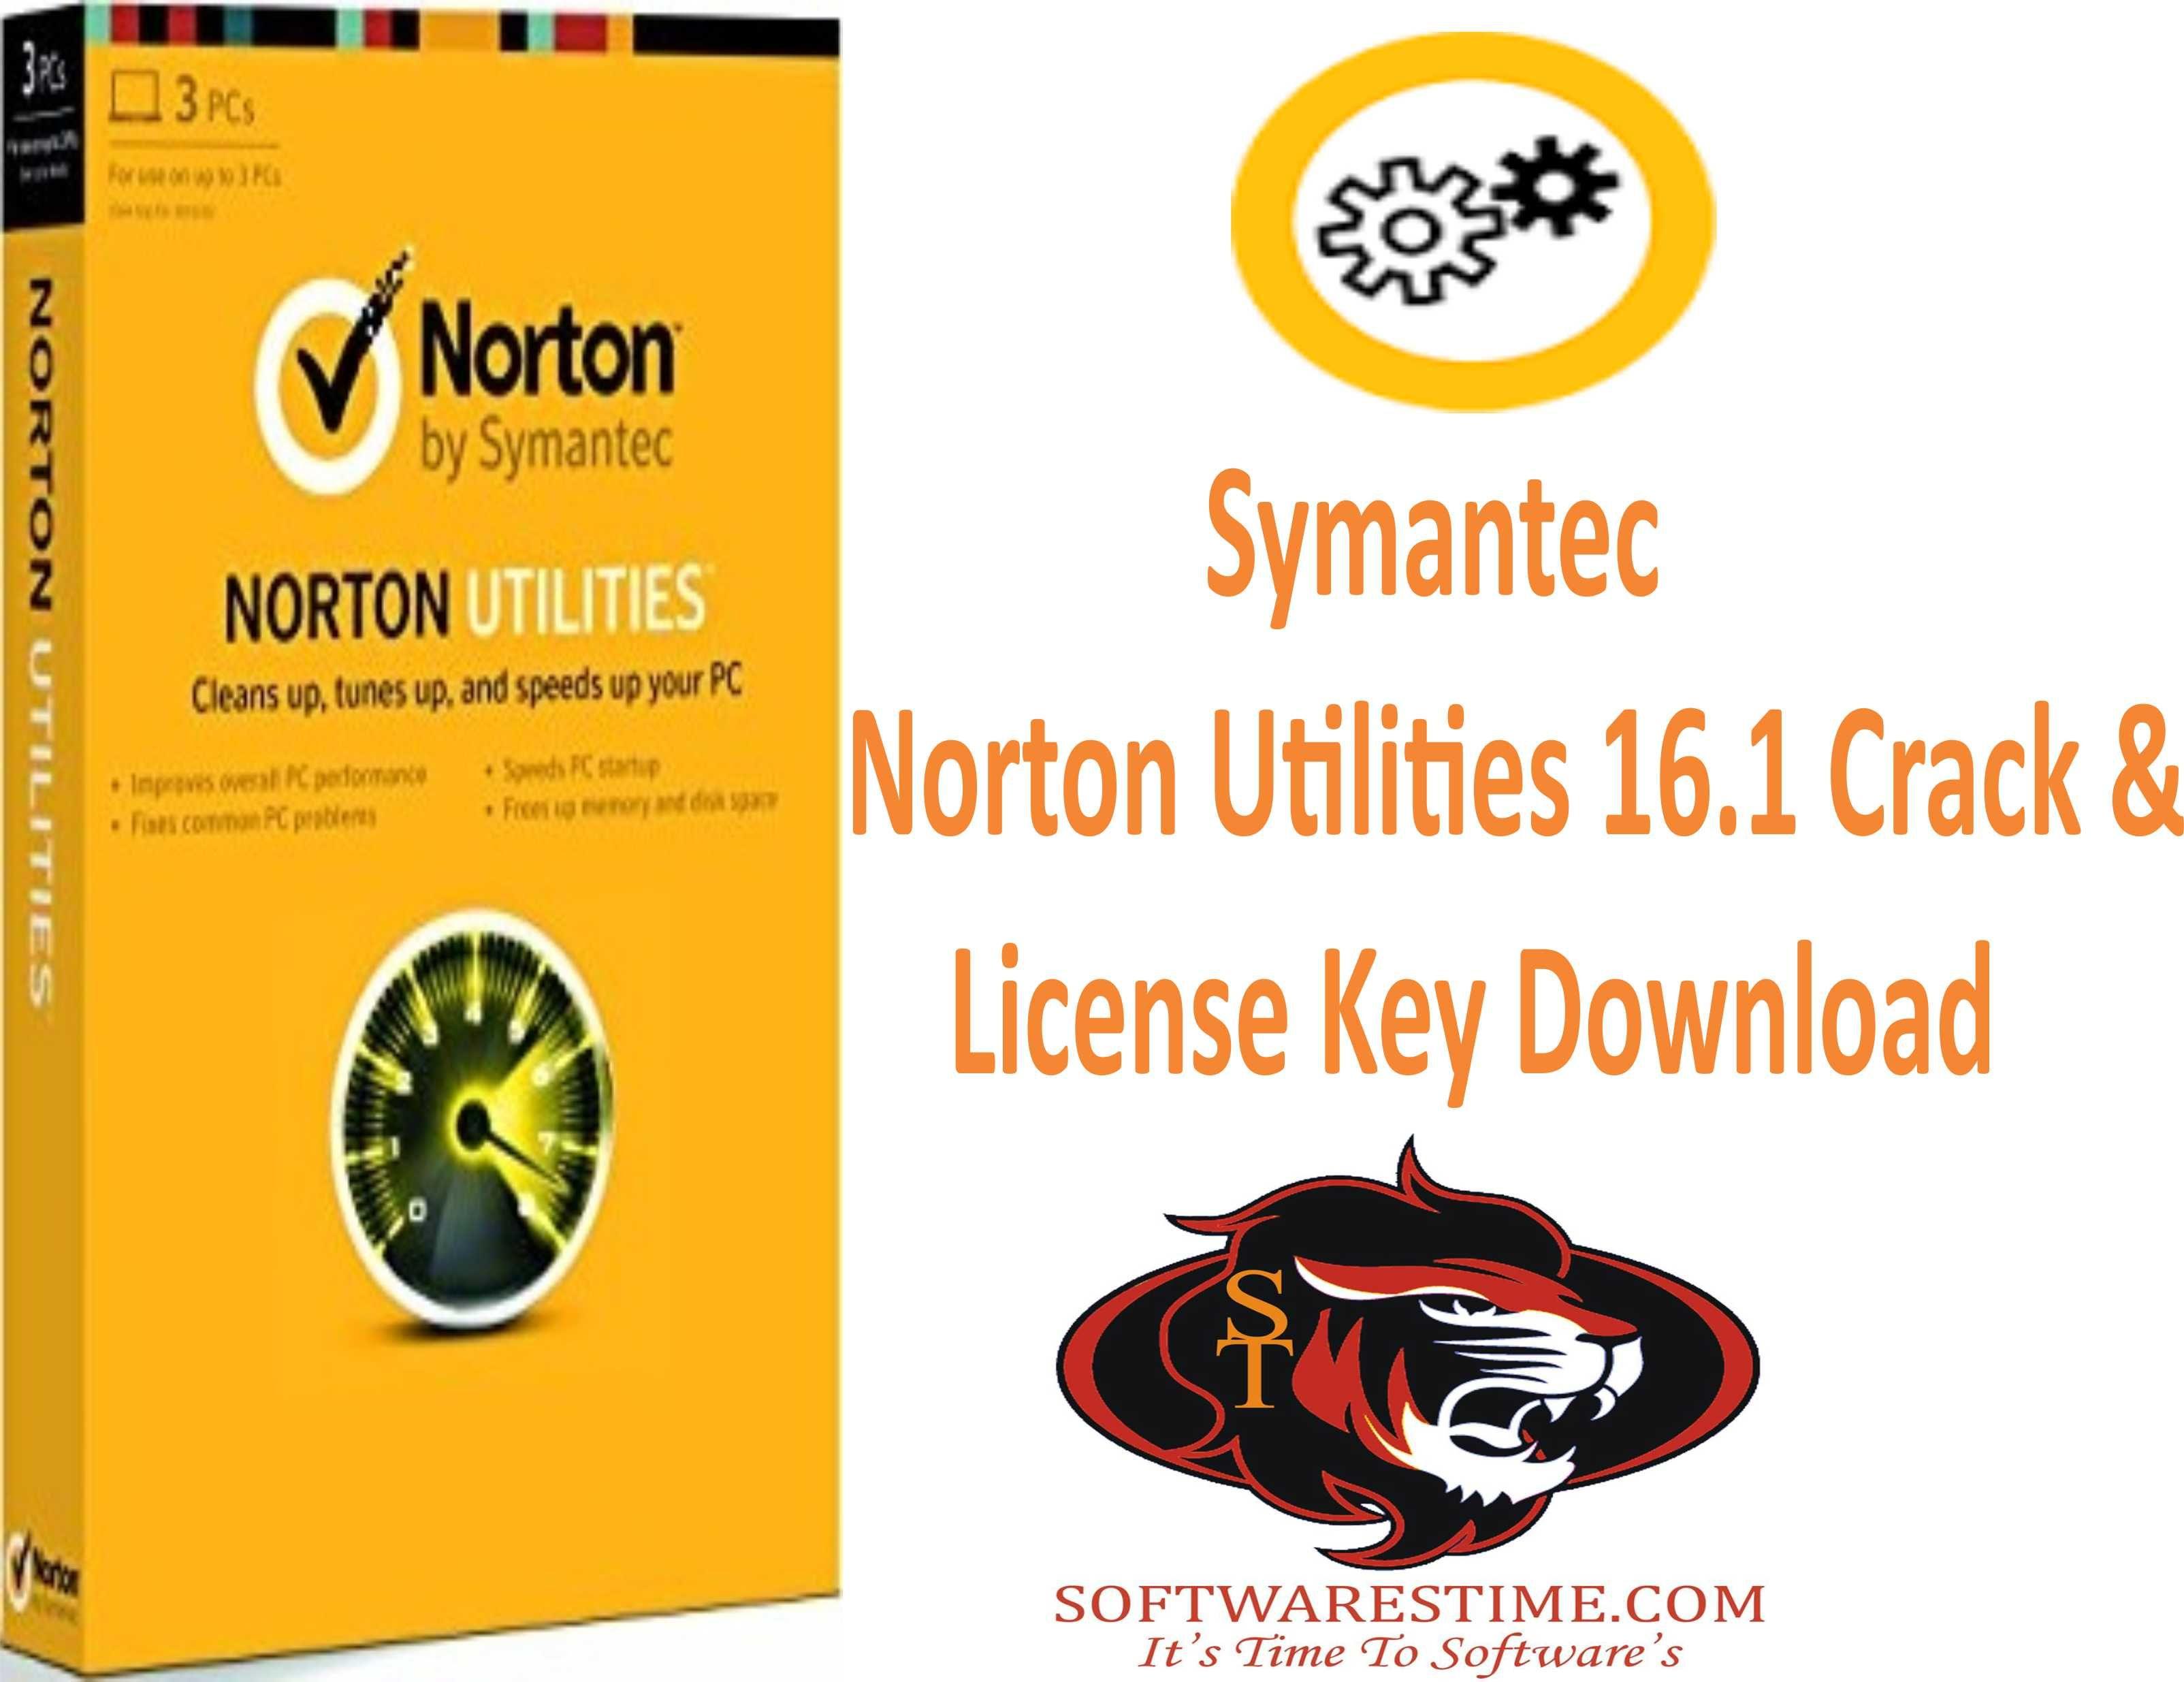 Norton utilities 16 rus скачать бесплатно торрент